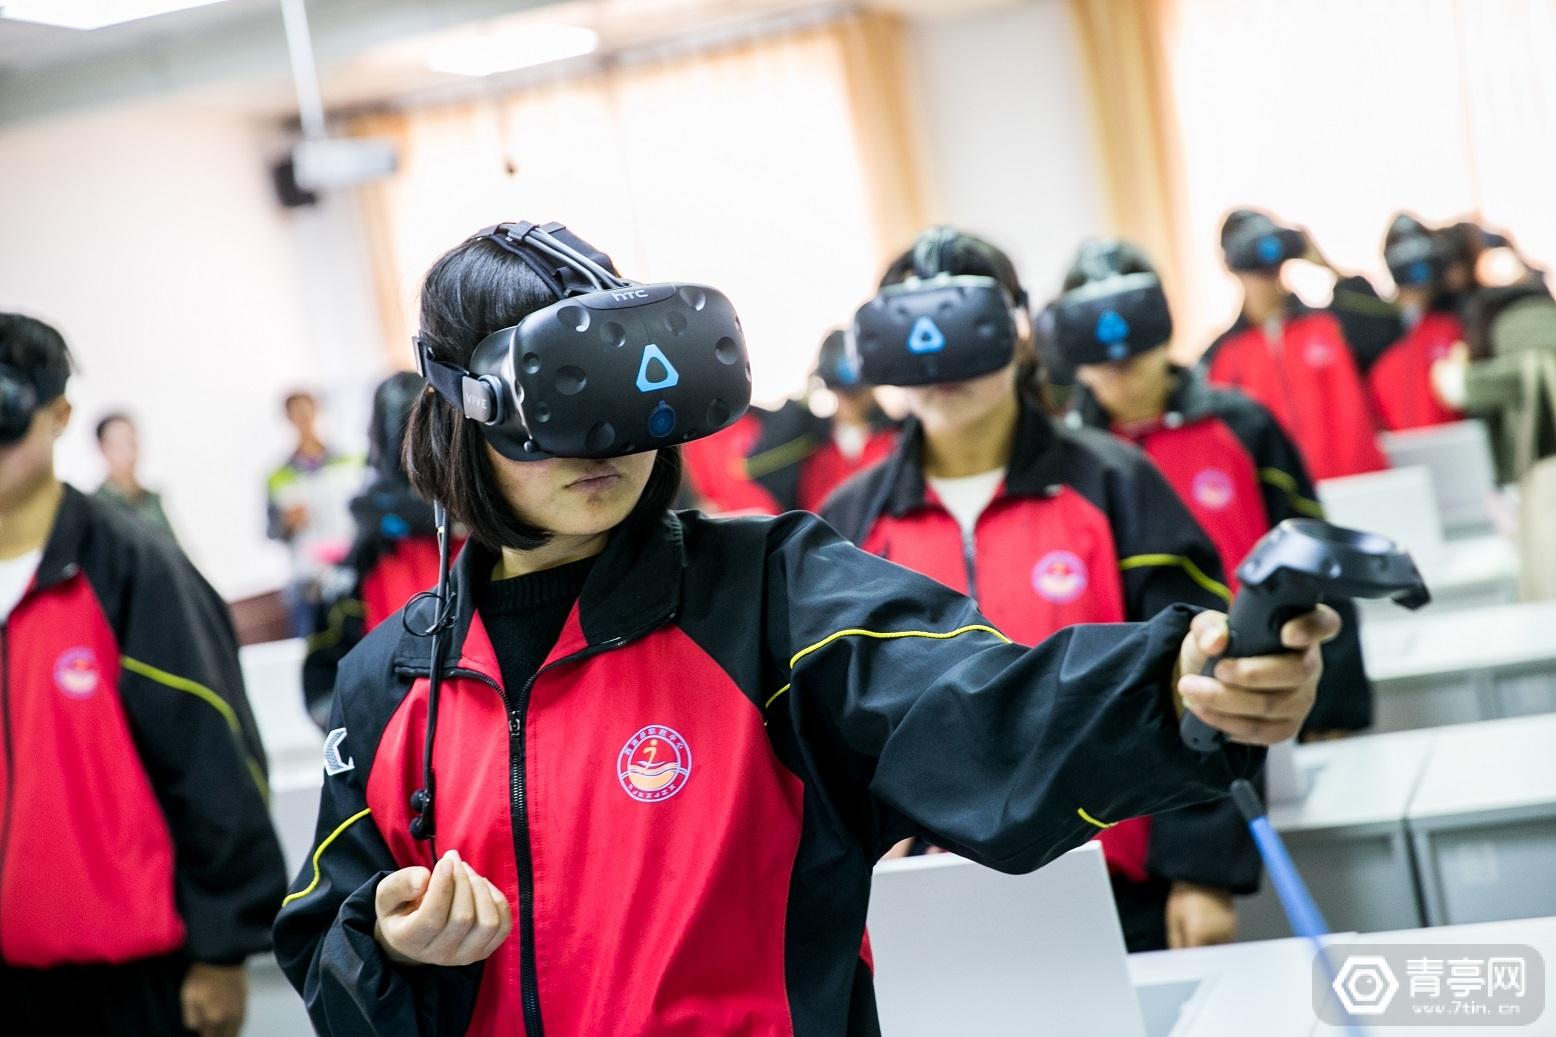 VR教育难突破?这儿有十条VR教育内容开发建议